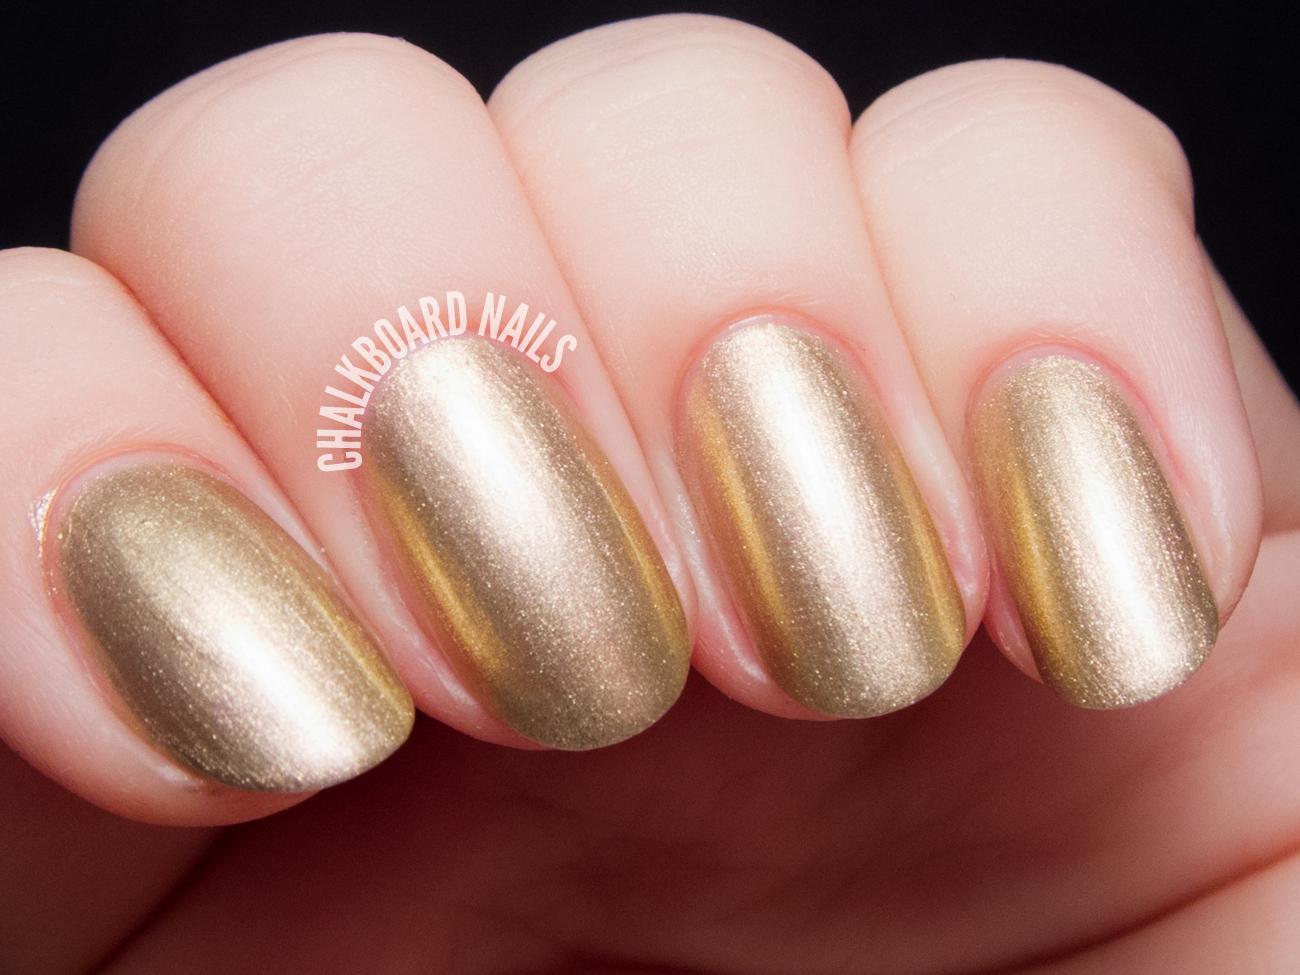 stiletto nails short white cancer design photo - 2